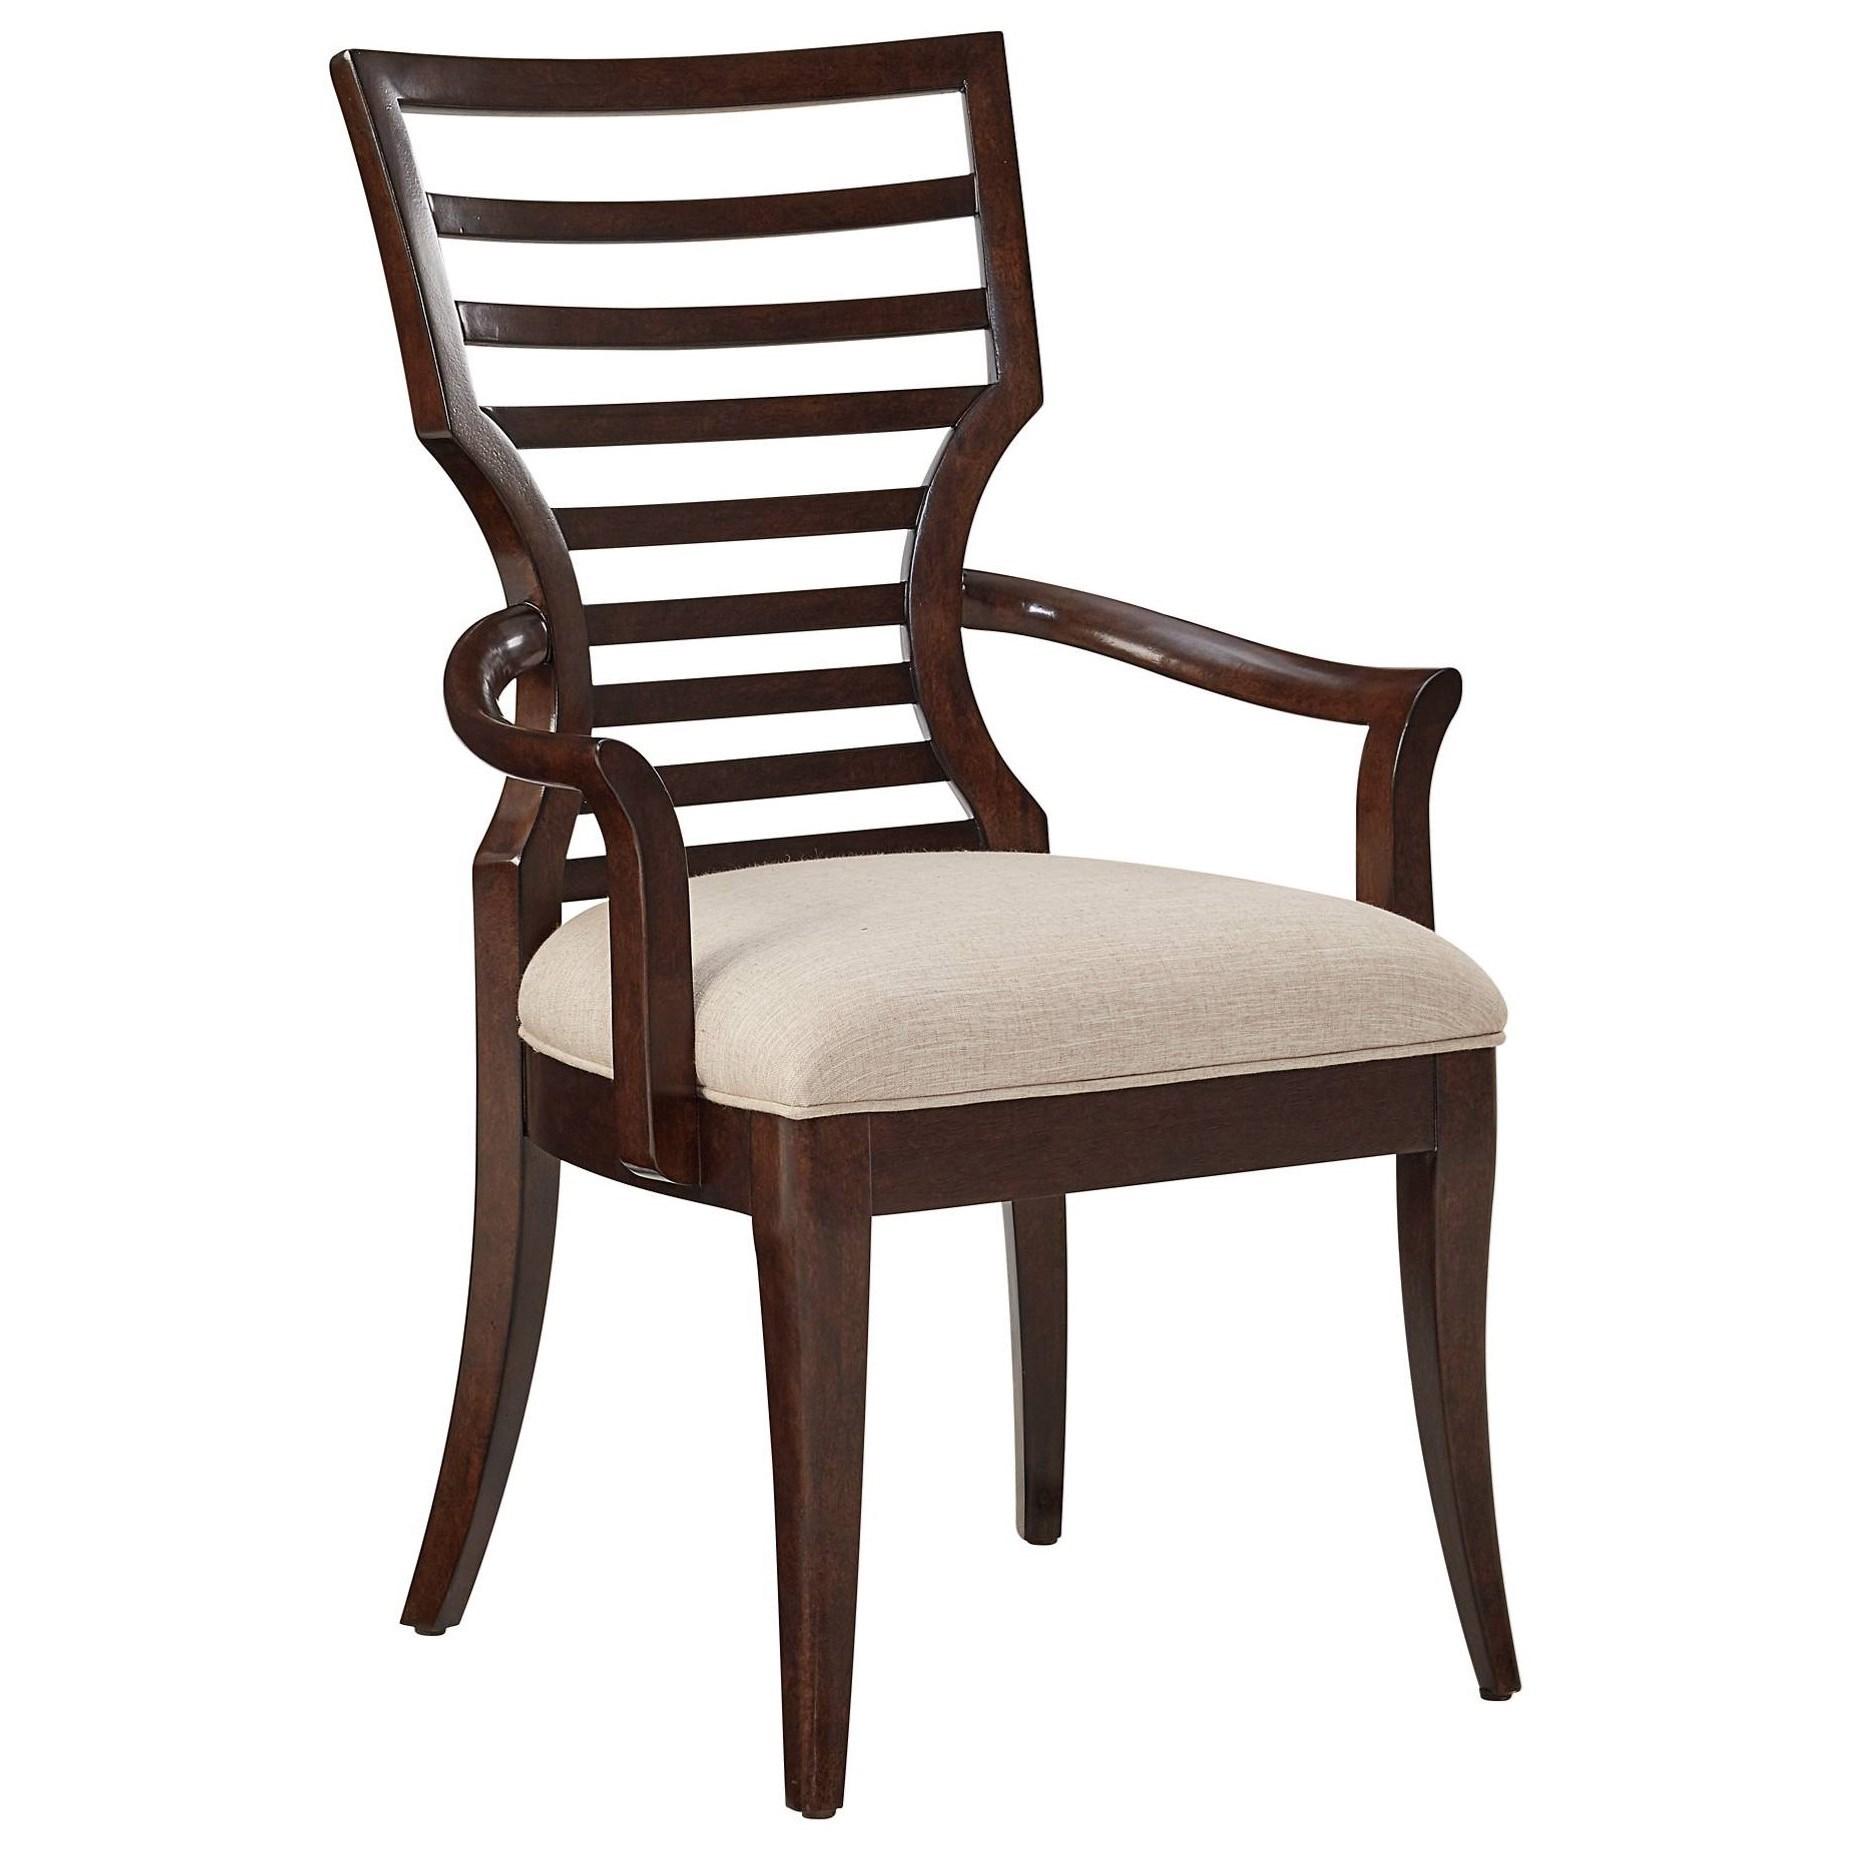 Stanley Furniture Virage Dining Room Set: Stanley Furniture Virage 696-11-70 Arm Chair With Modern